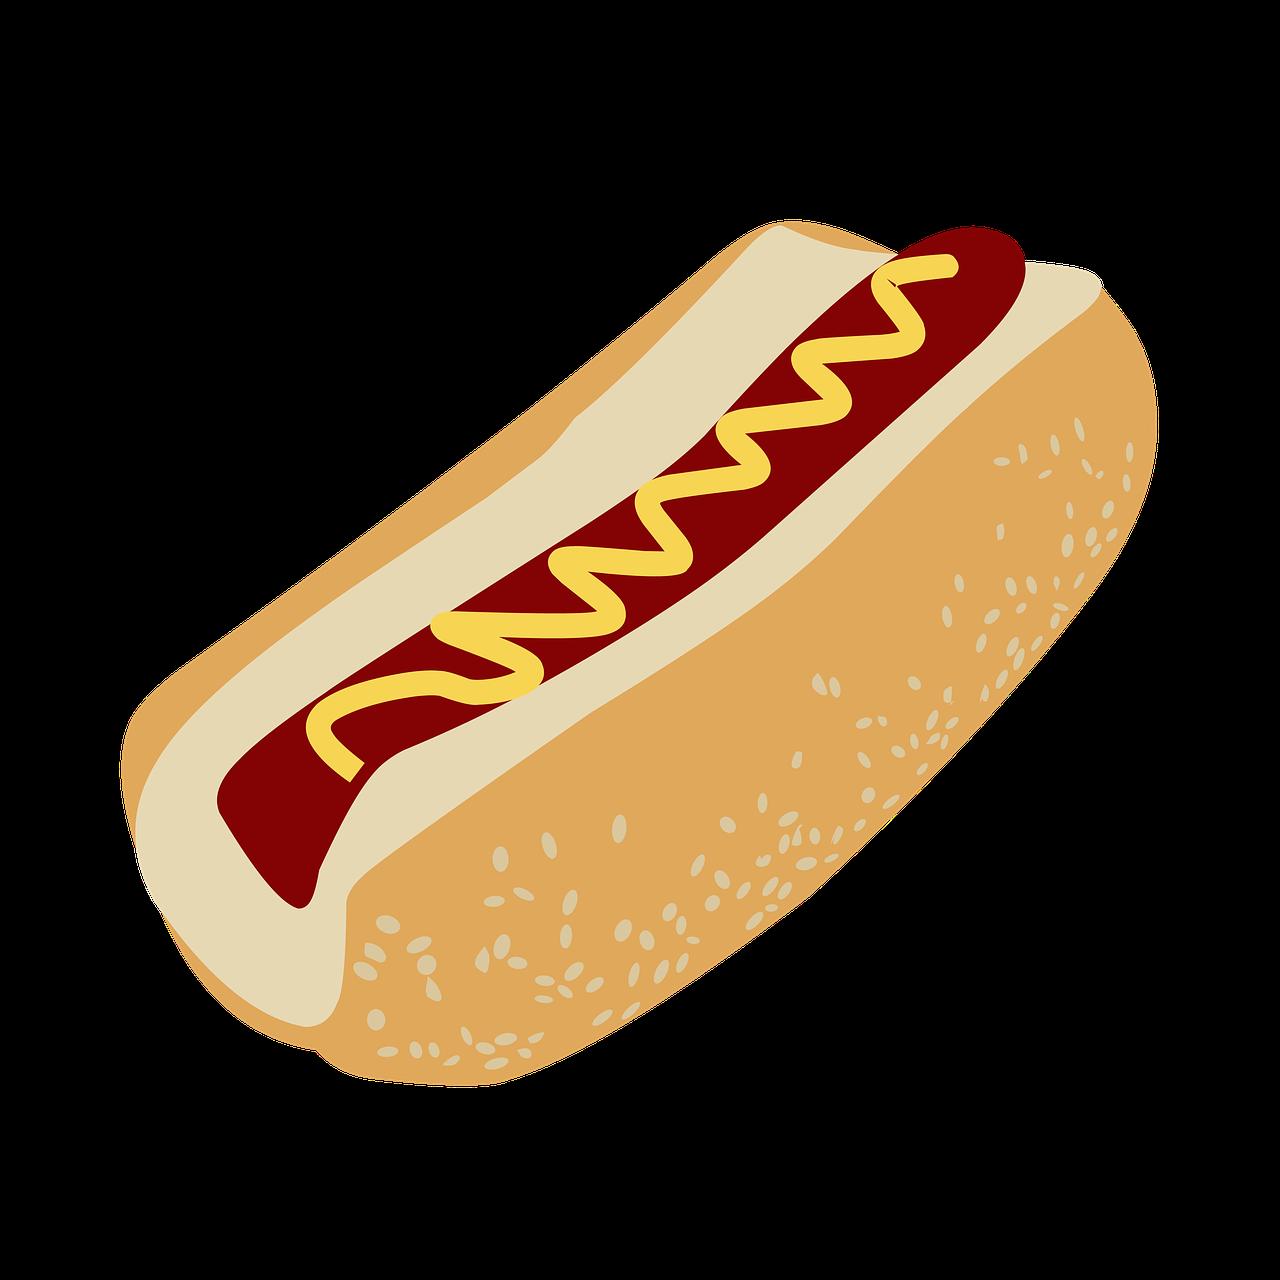 bun, dog, hot